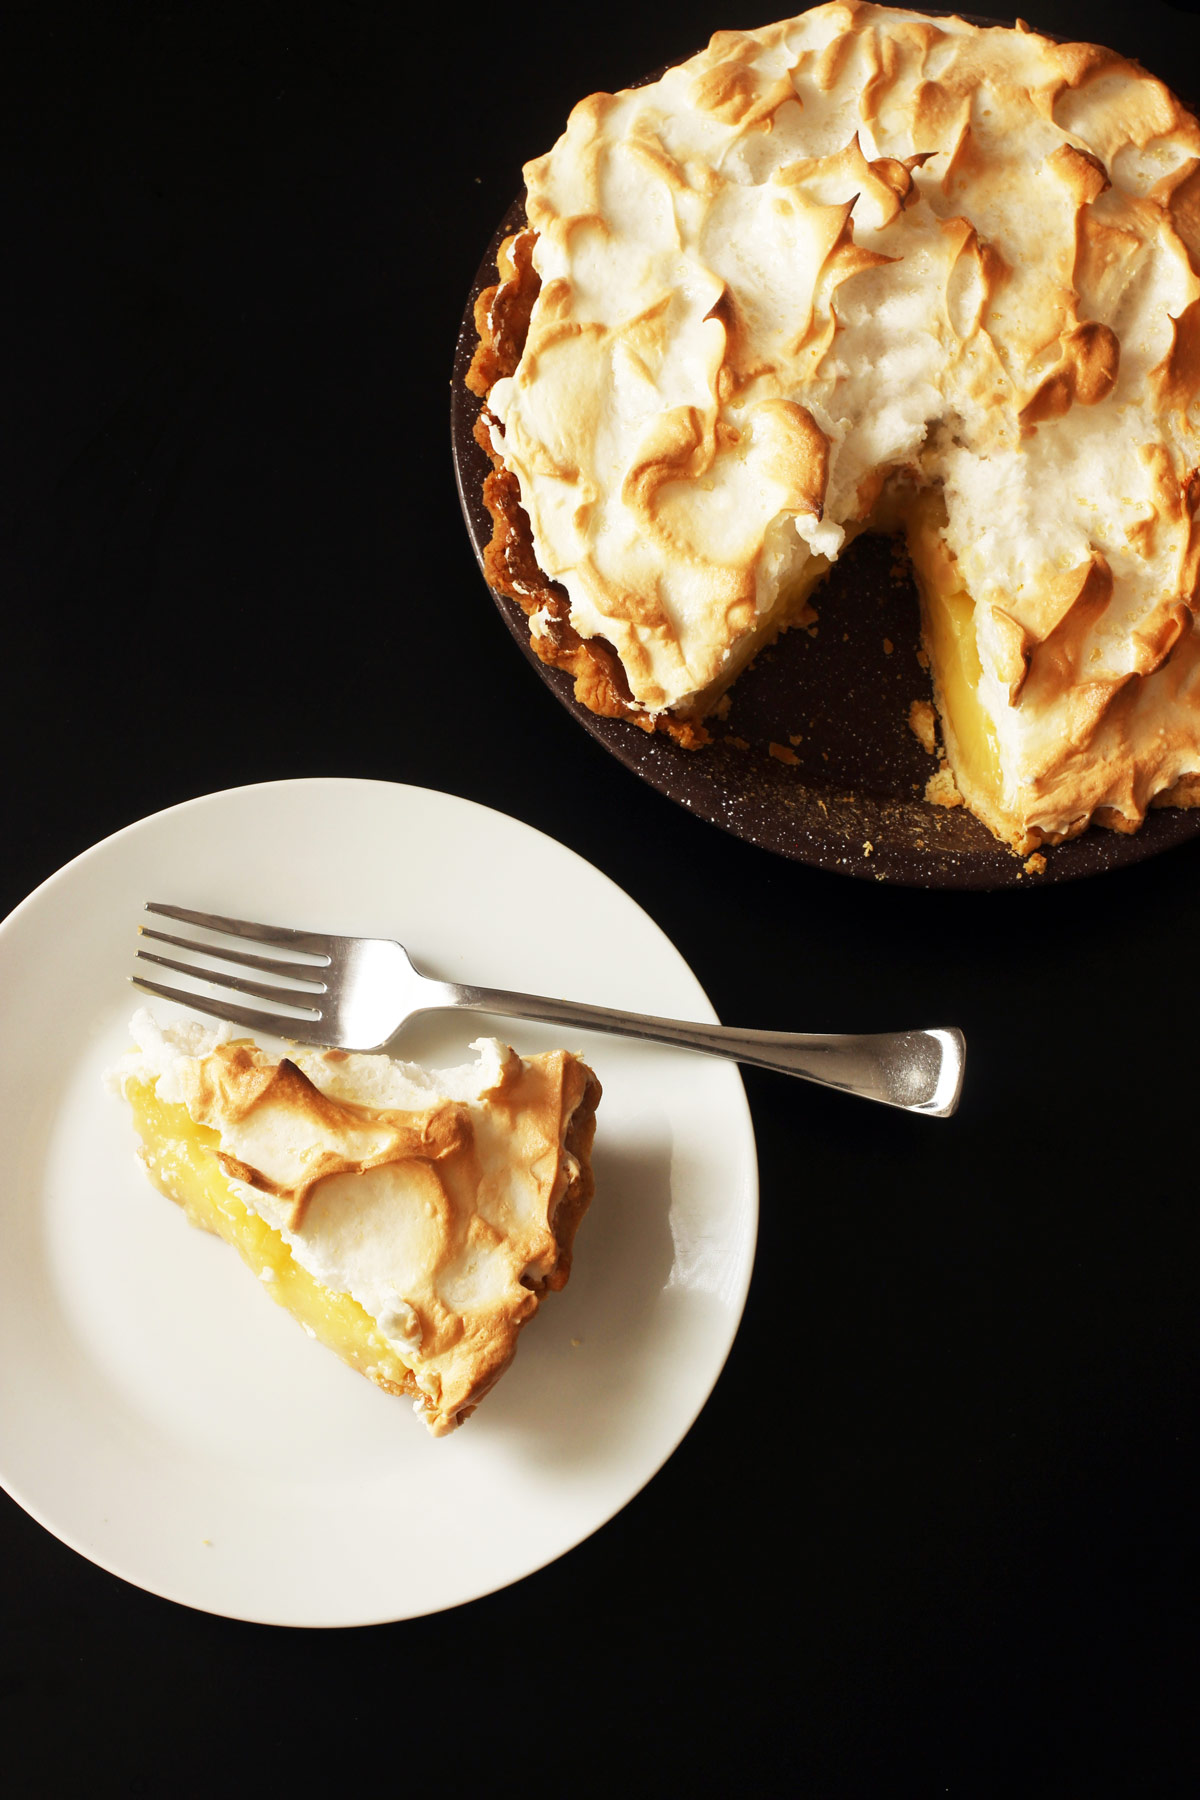 slice of pie on plate next to pie